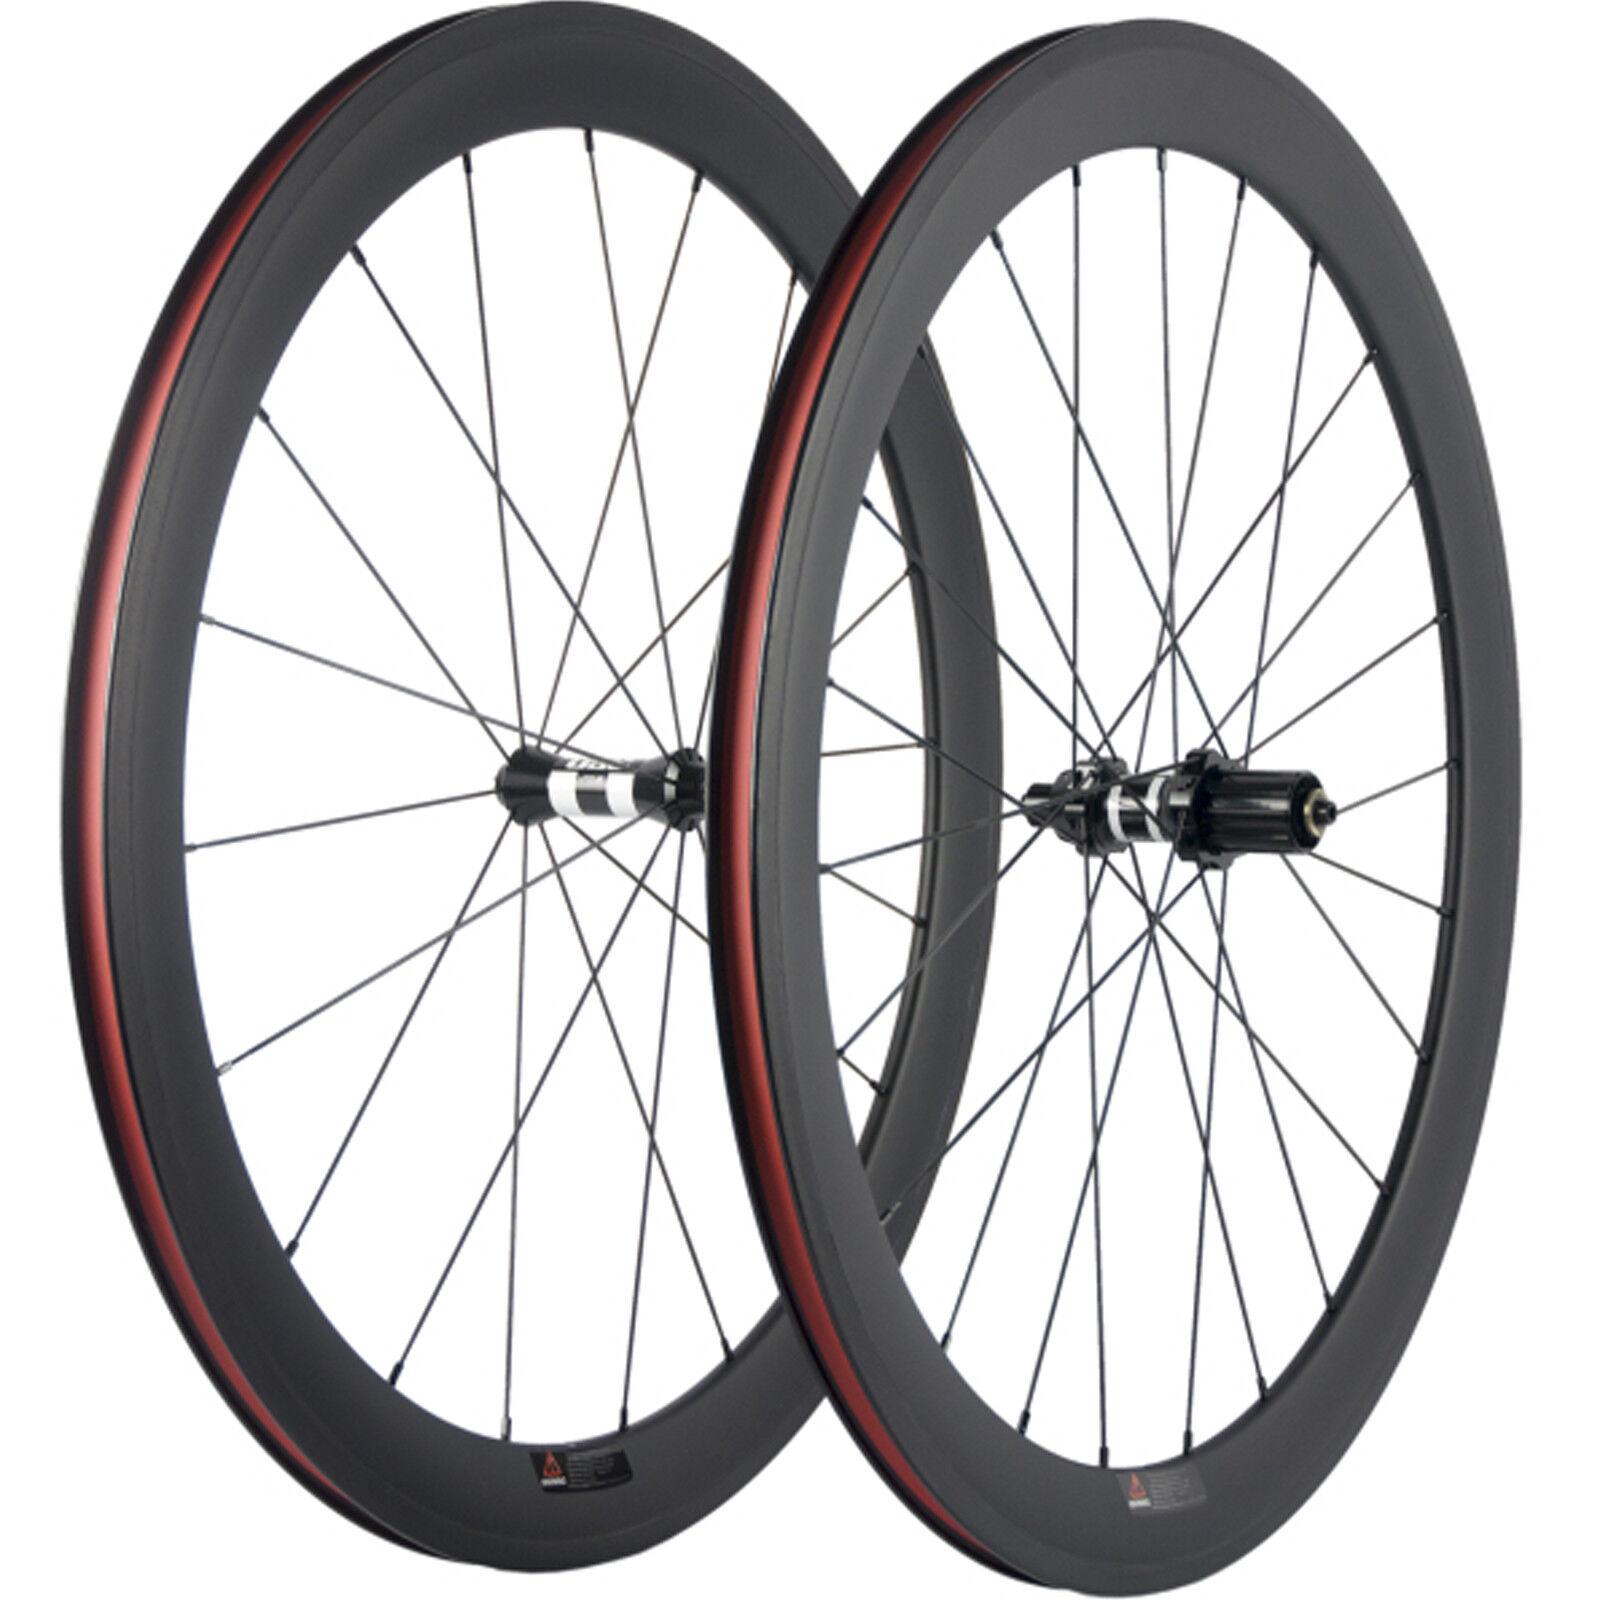 Carbon Wheel Set UD Matte 50mm Carbon Road Wheelset Clincher DT Hub Bikw Wheels